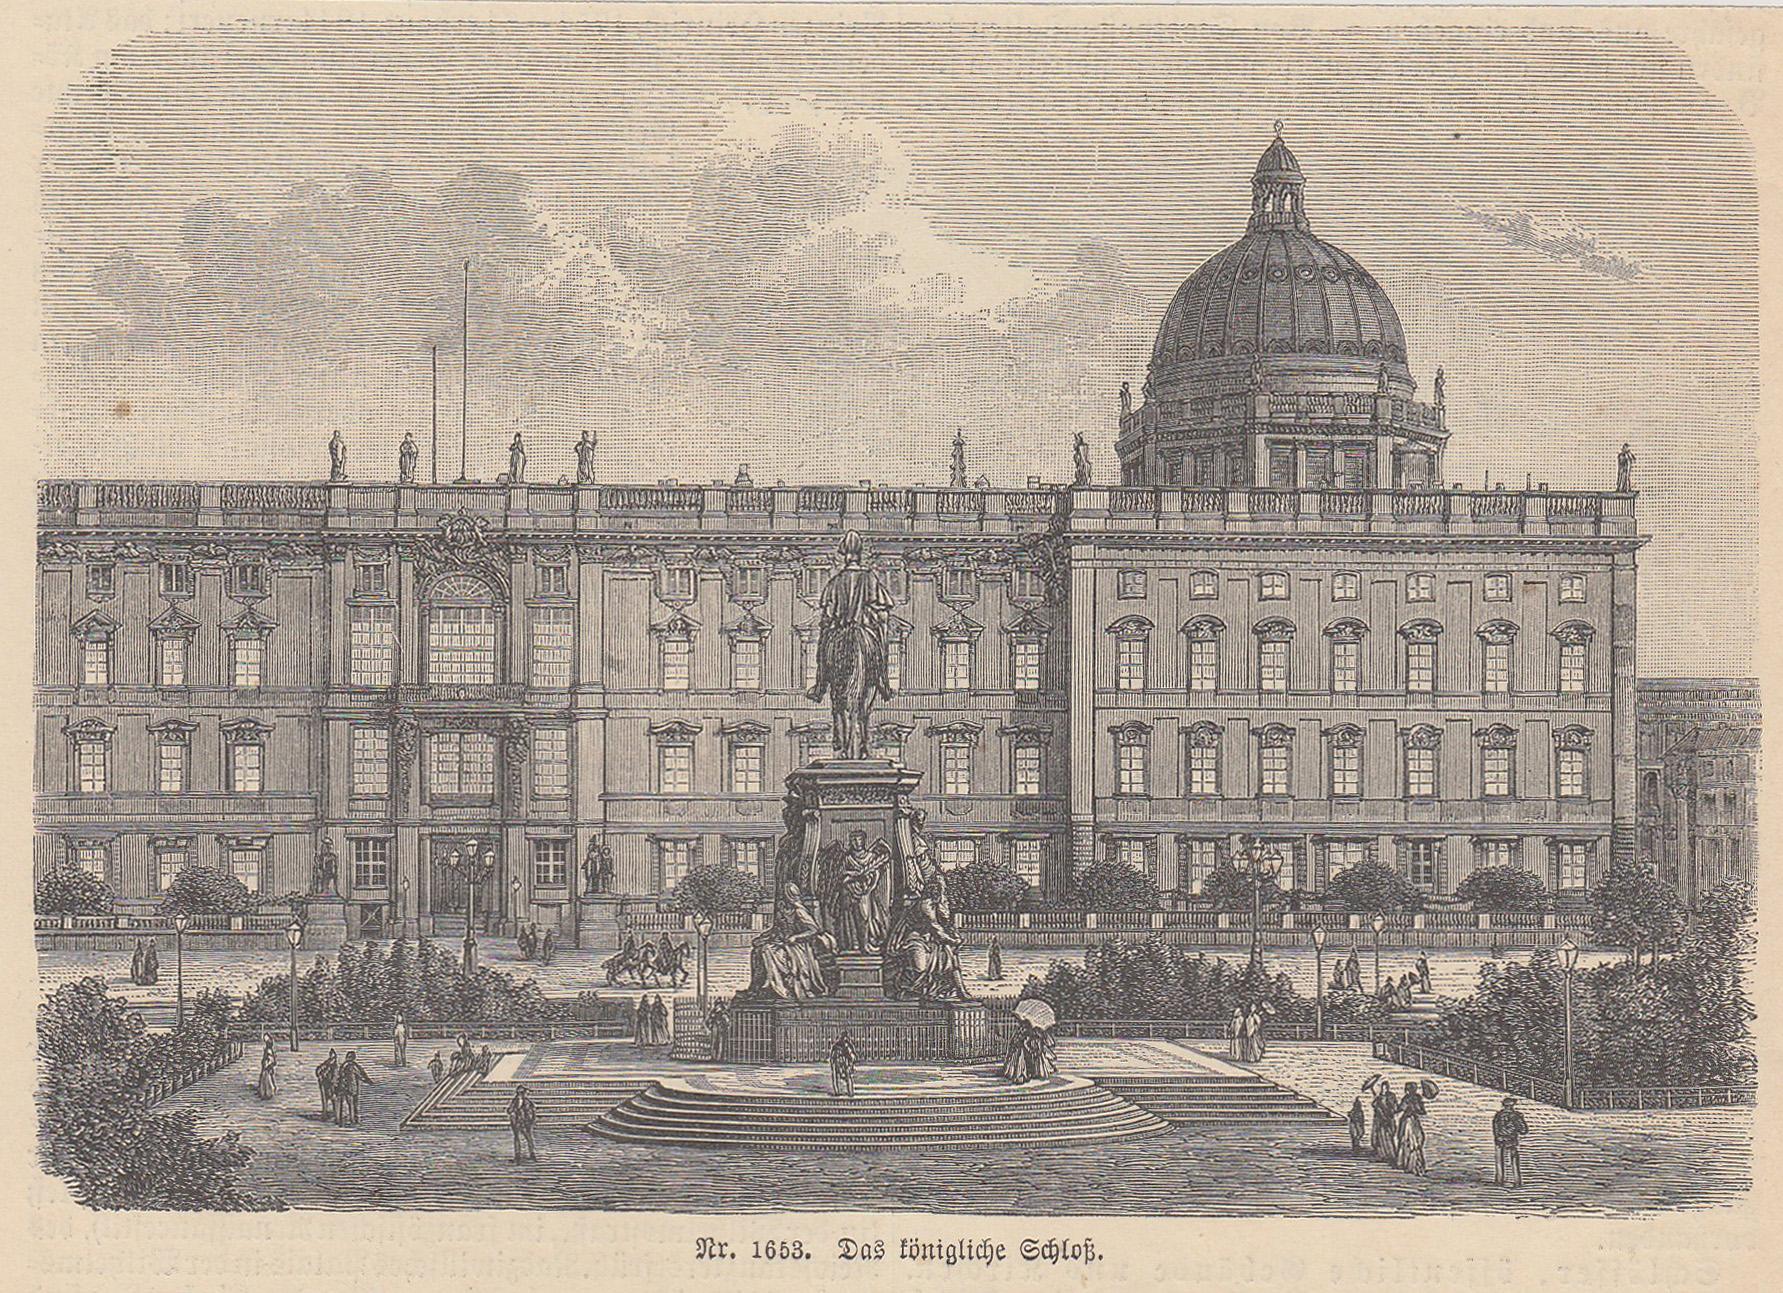 Das königliche Schloß.: Berlin - Schloss: